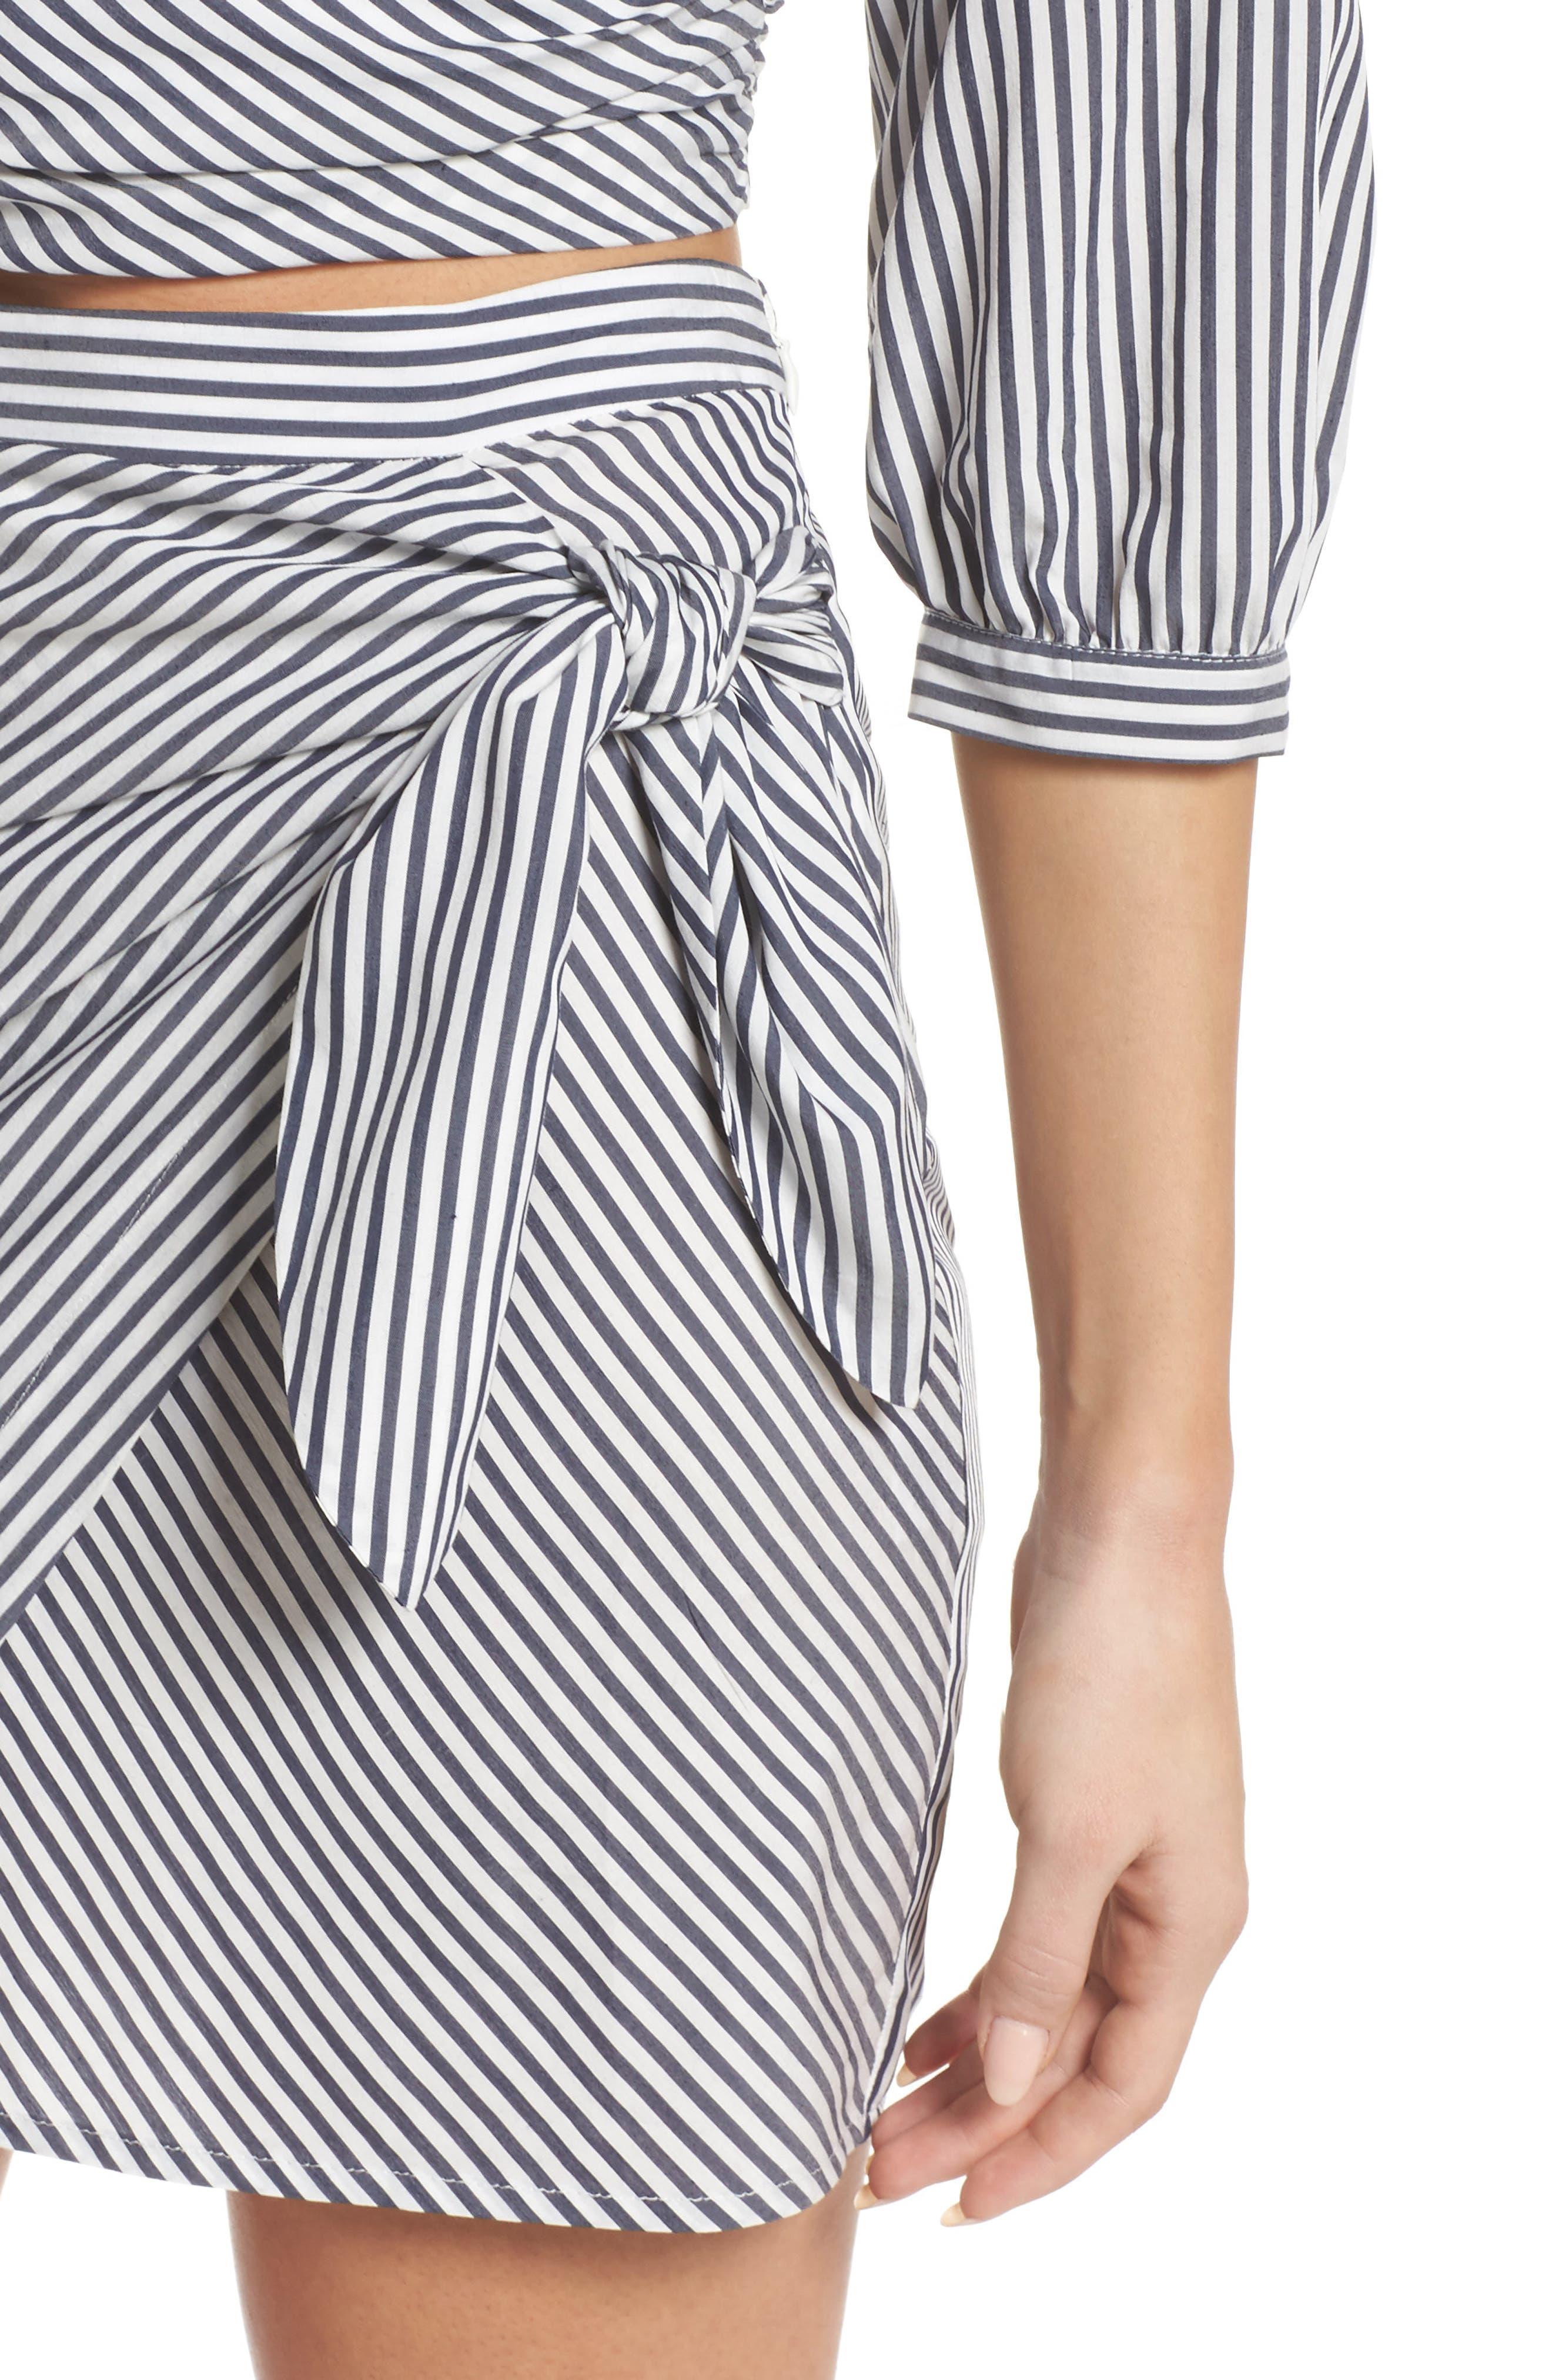 Cocktails Please Stripe Two-Piece Dress,                             Alternate thumbnail 4, color,                             100